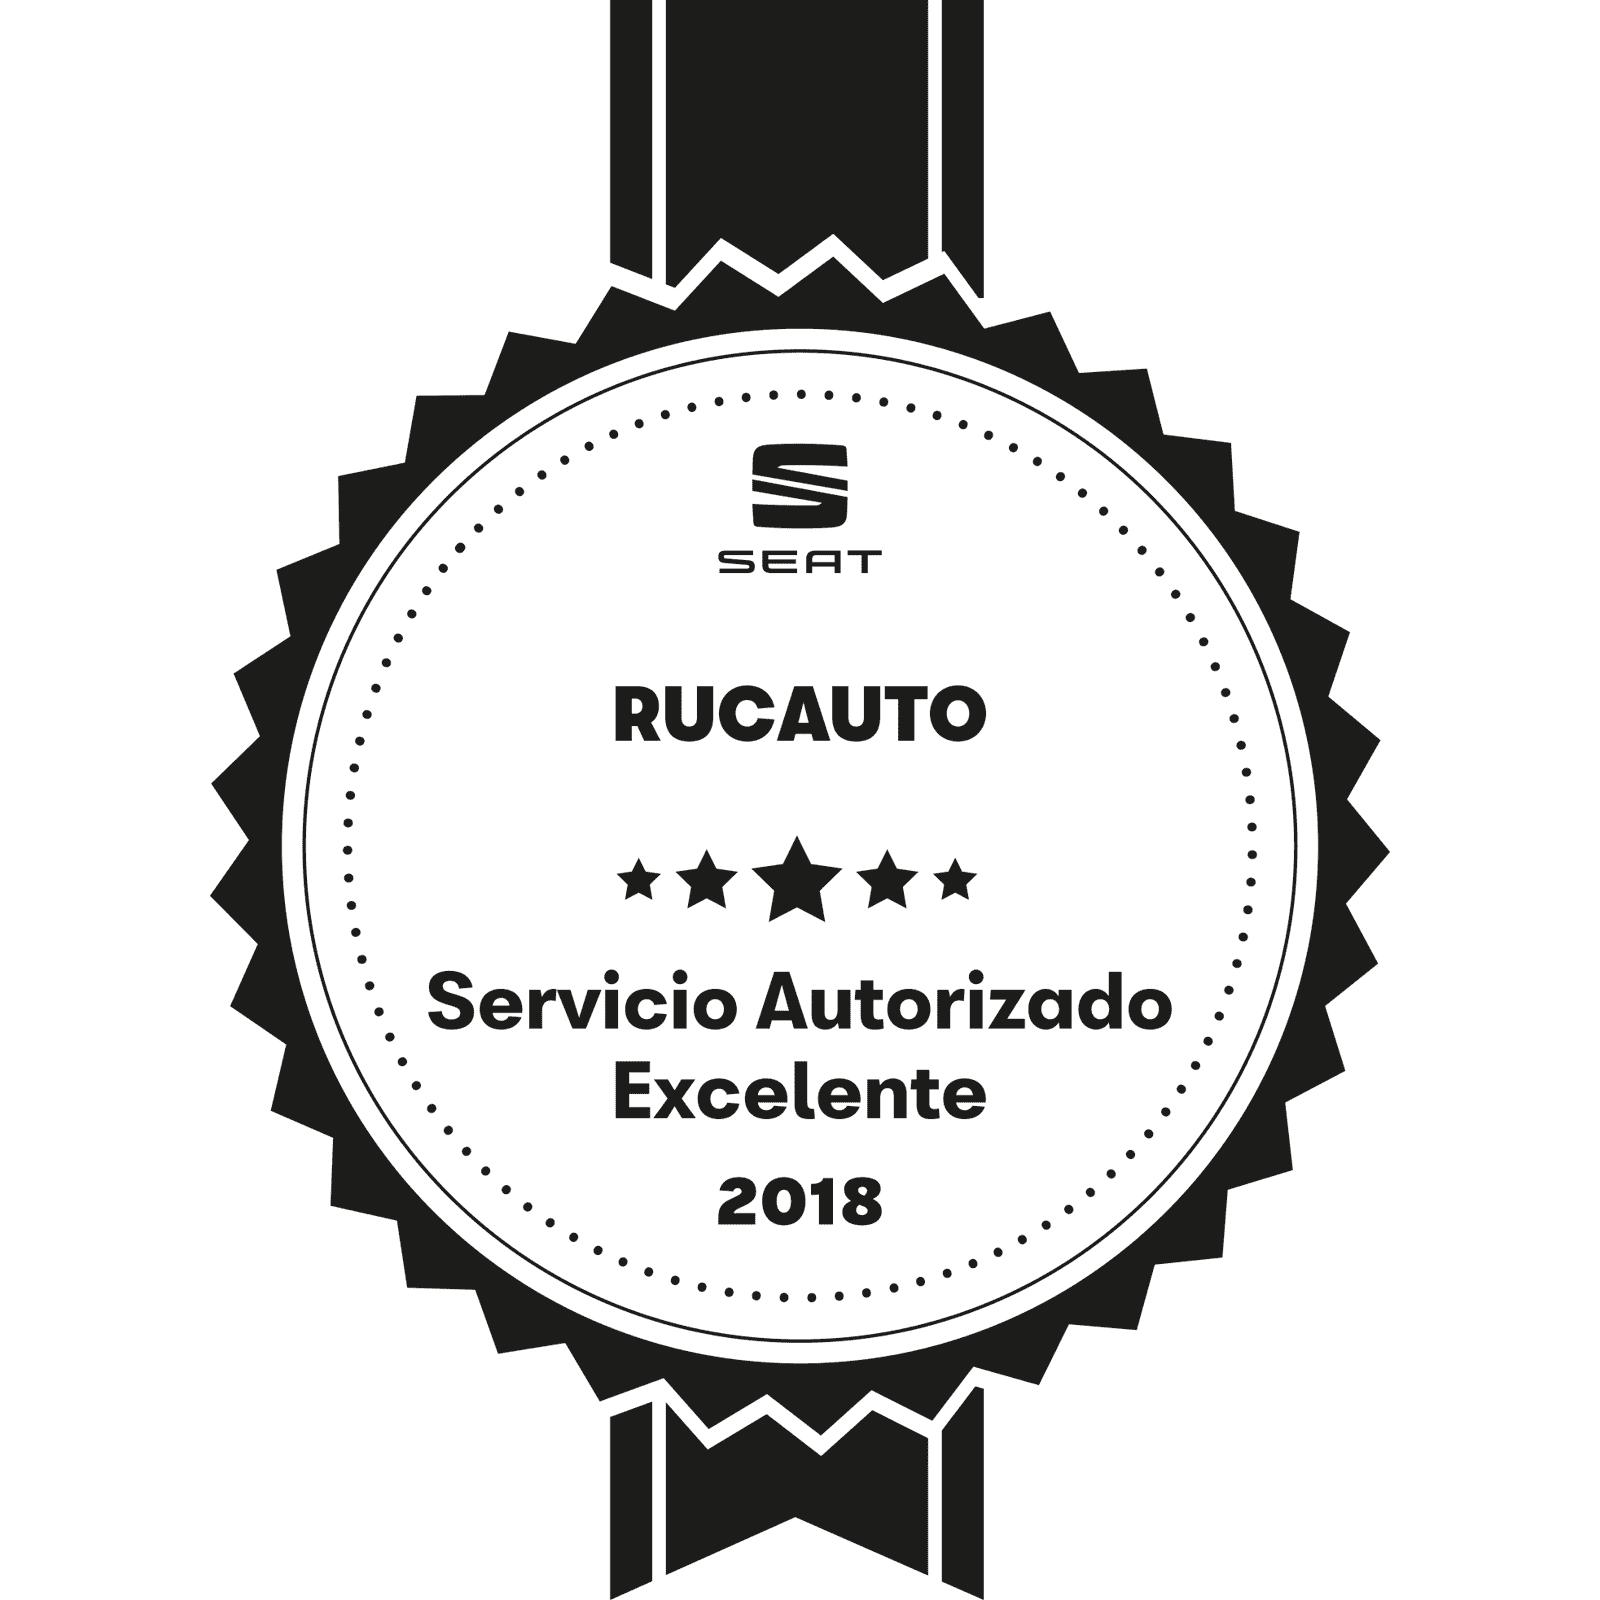 Rucauto, Premio a la Excelencia en la Gestión de la Posventa y Satisfacción al Cliente 2018